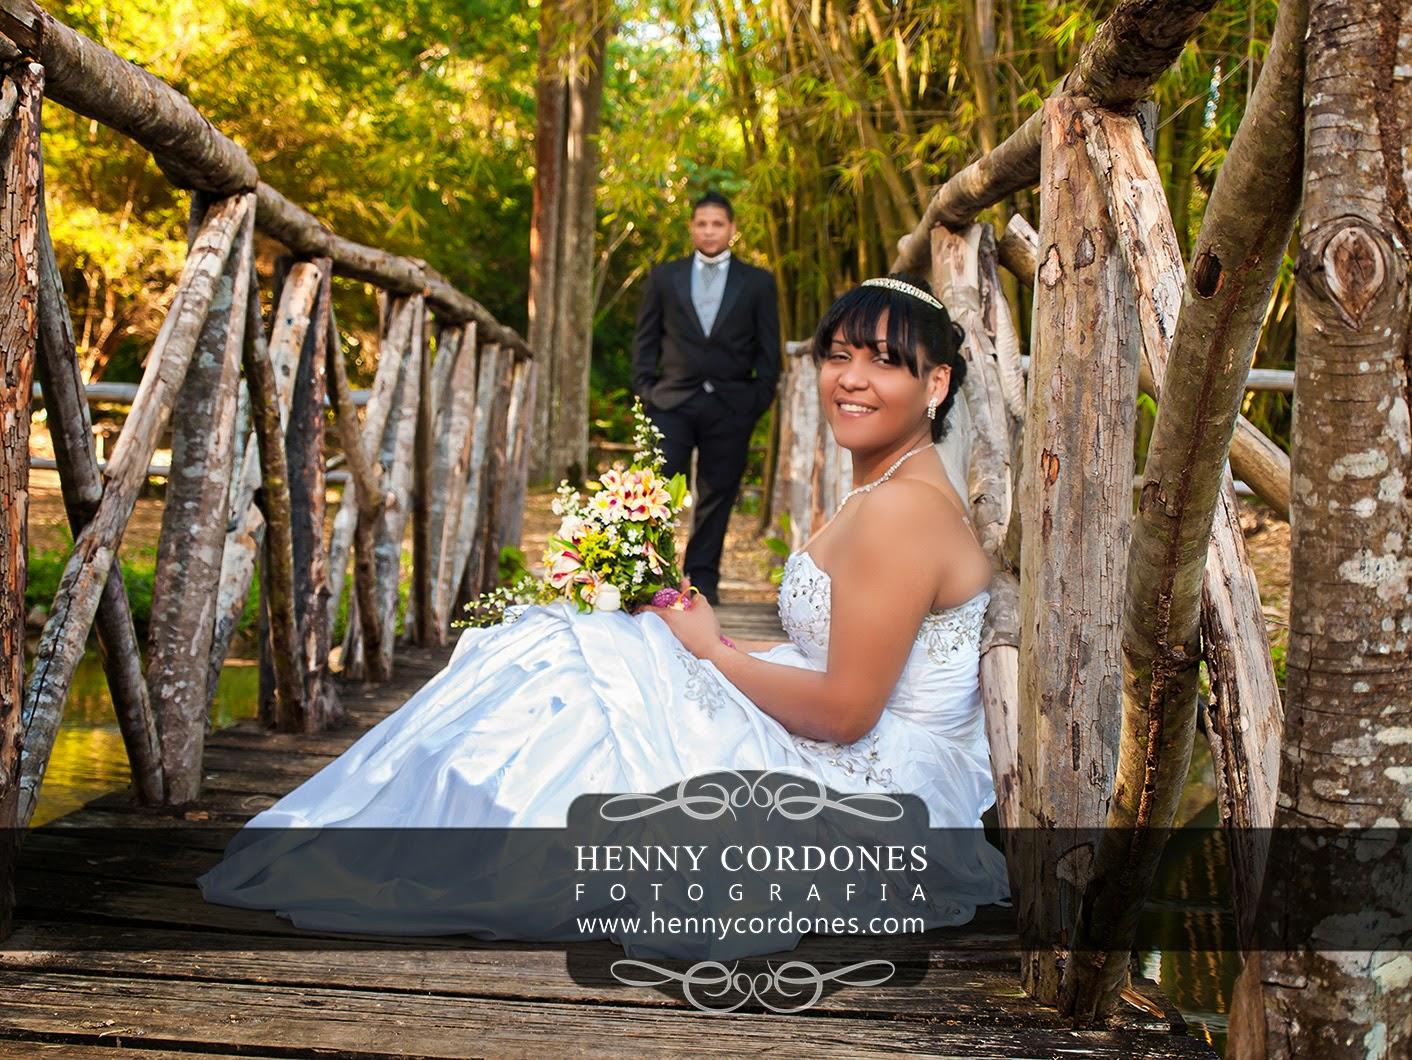 Henny cordones fotograf a sesion fotografica de boda for Boda en el jardin botanico